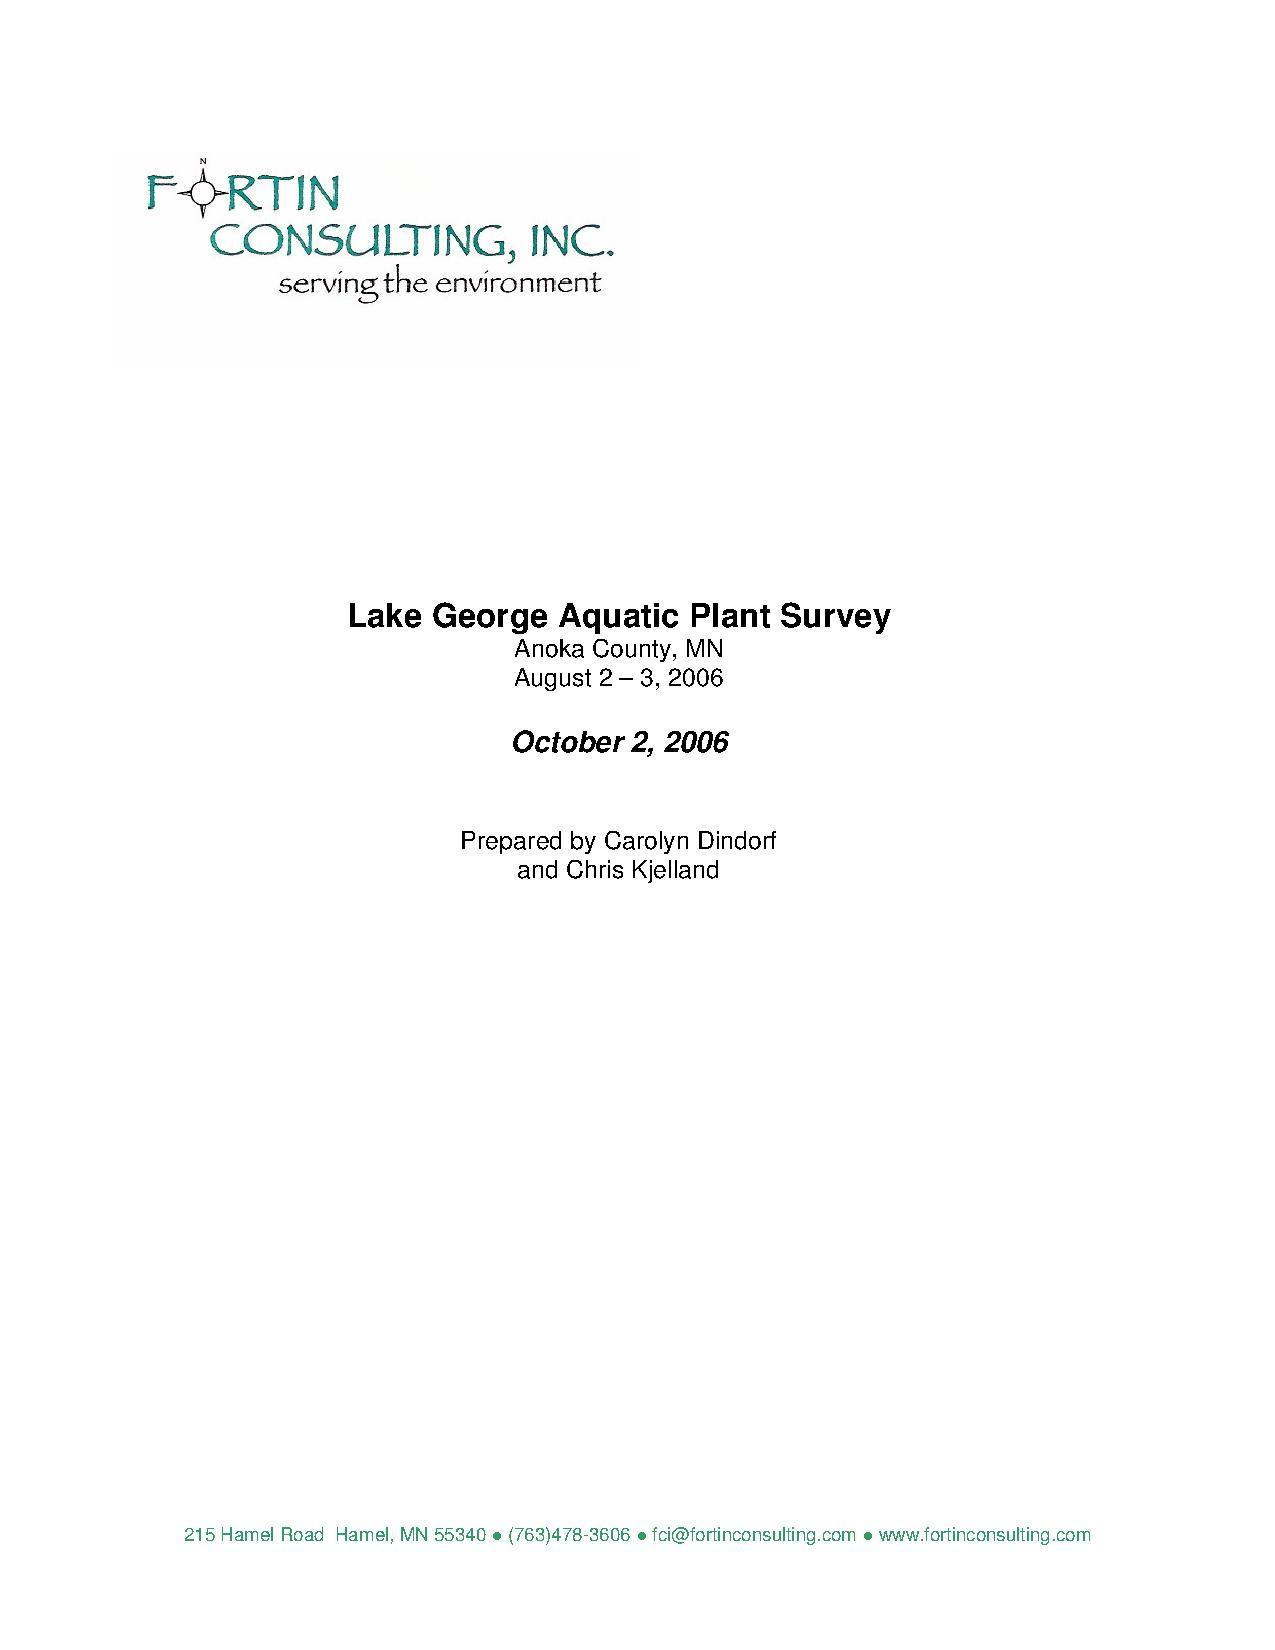 final survey report